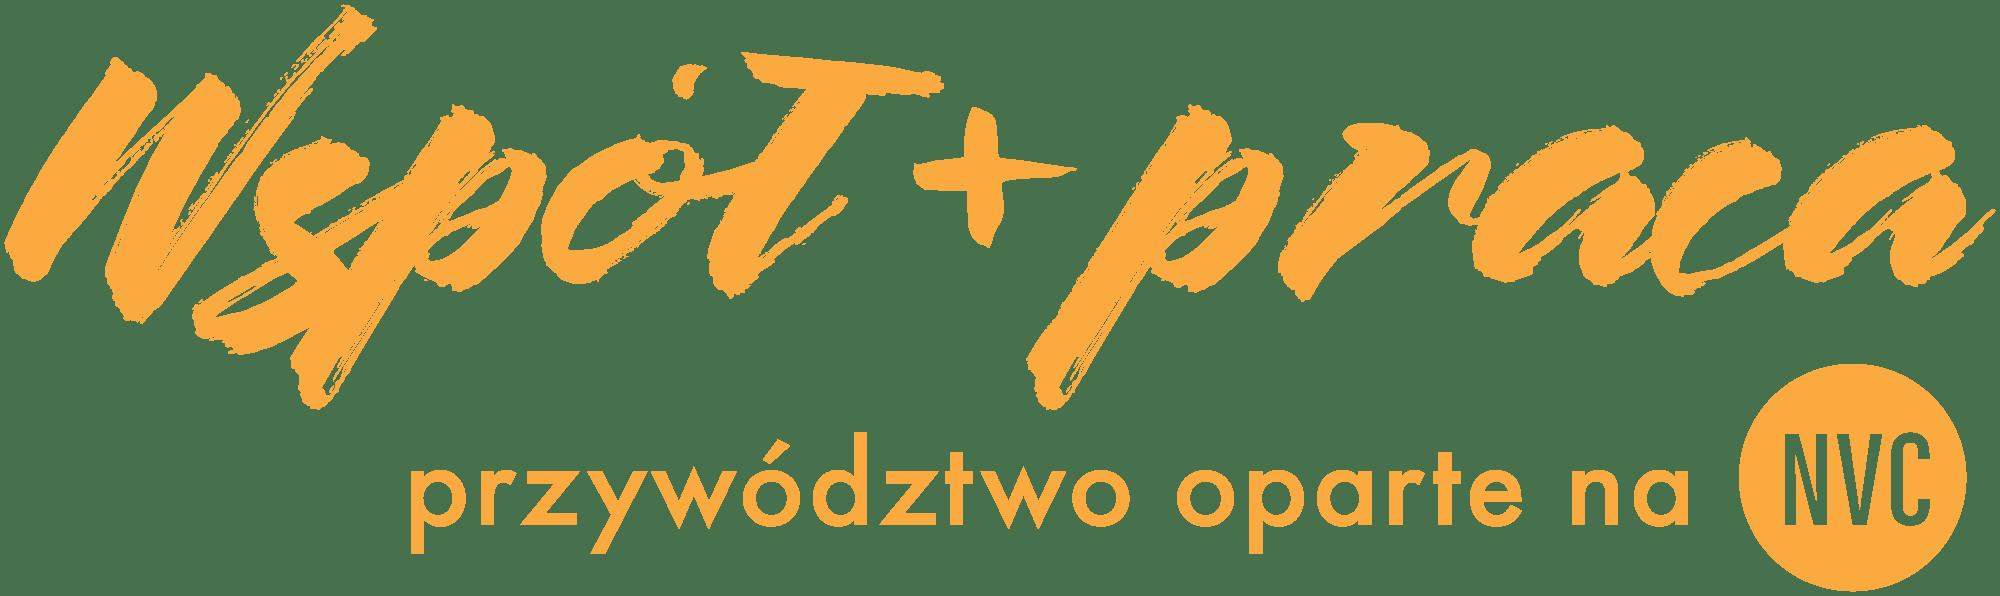 WSPÓŁ+PRACA Przywództwo oparte na NVC Logo Leance